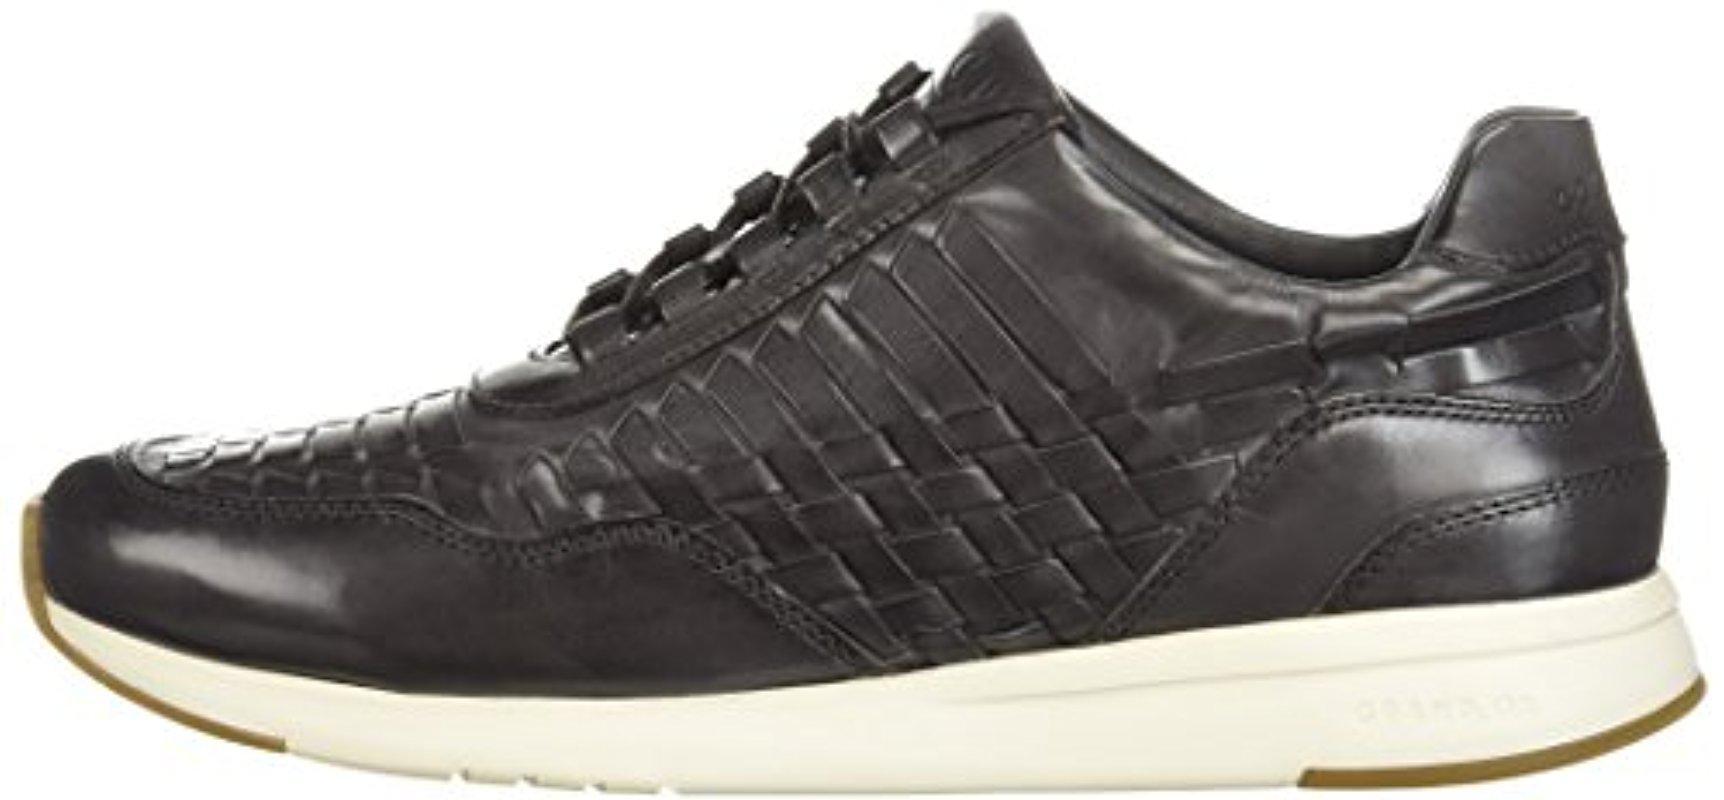 Grandpro Runner Huarache Sneaker